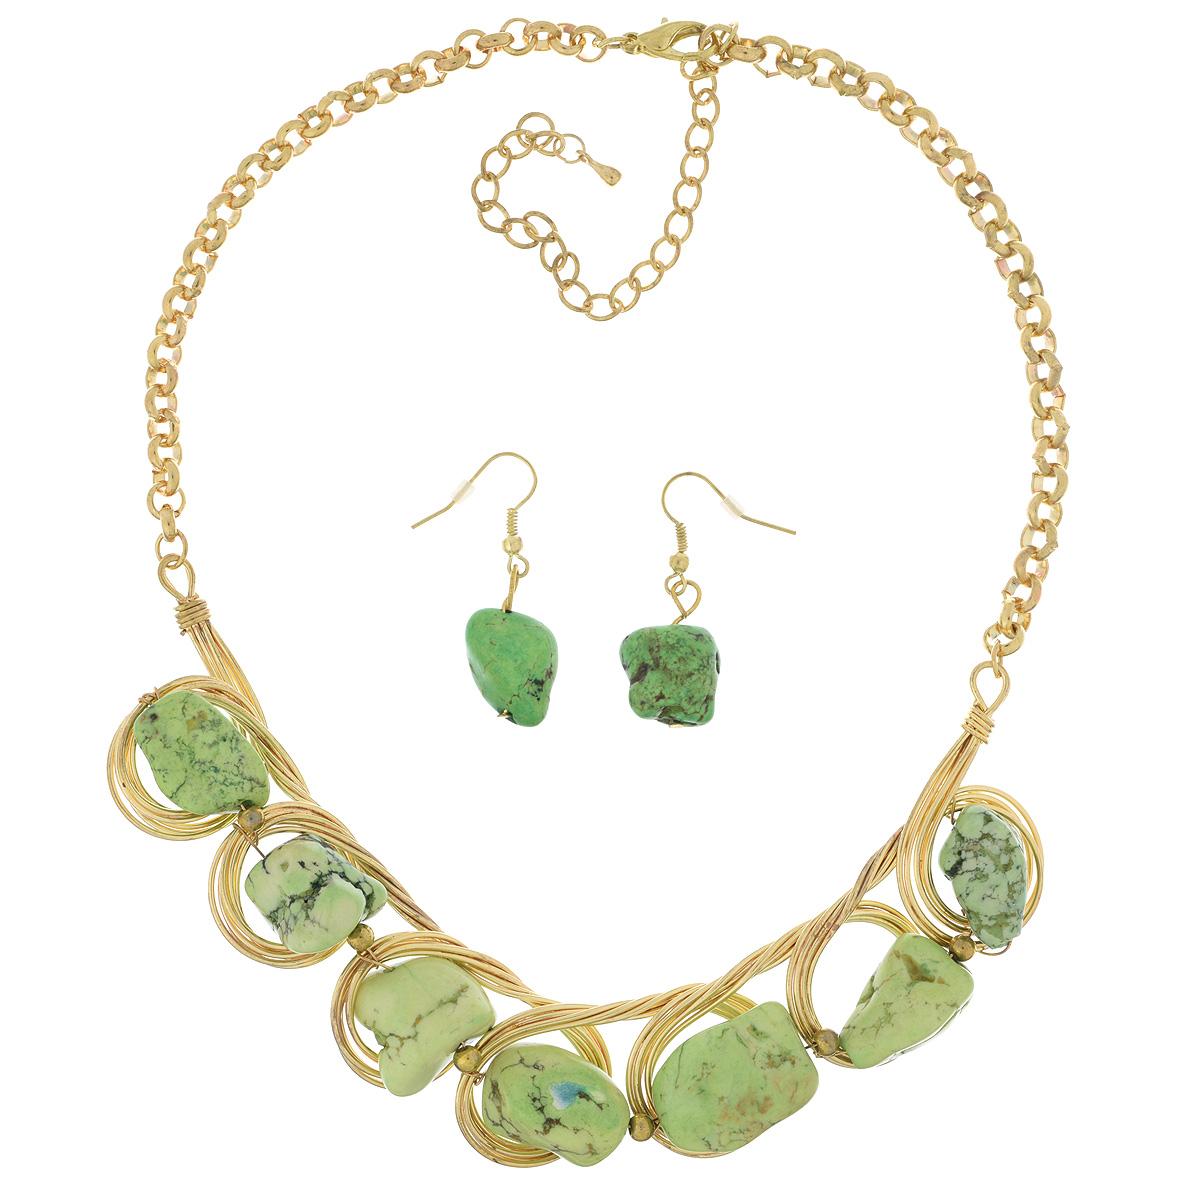 Комплект бижутерии Avgad: колье, серьги, цвет: золотистый, зеленый. H-477S809H-477S809